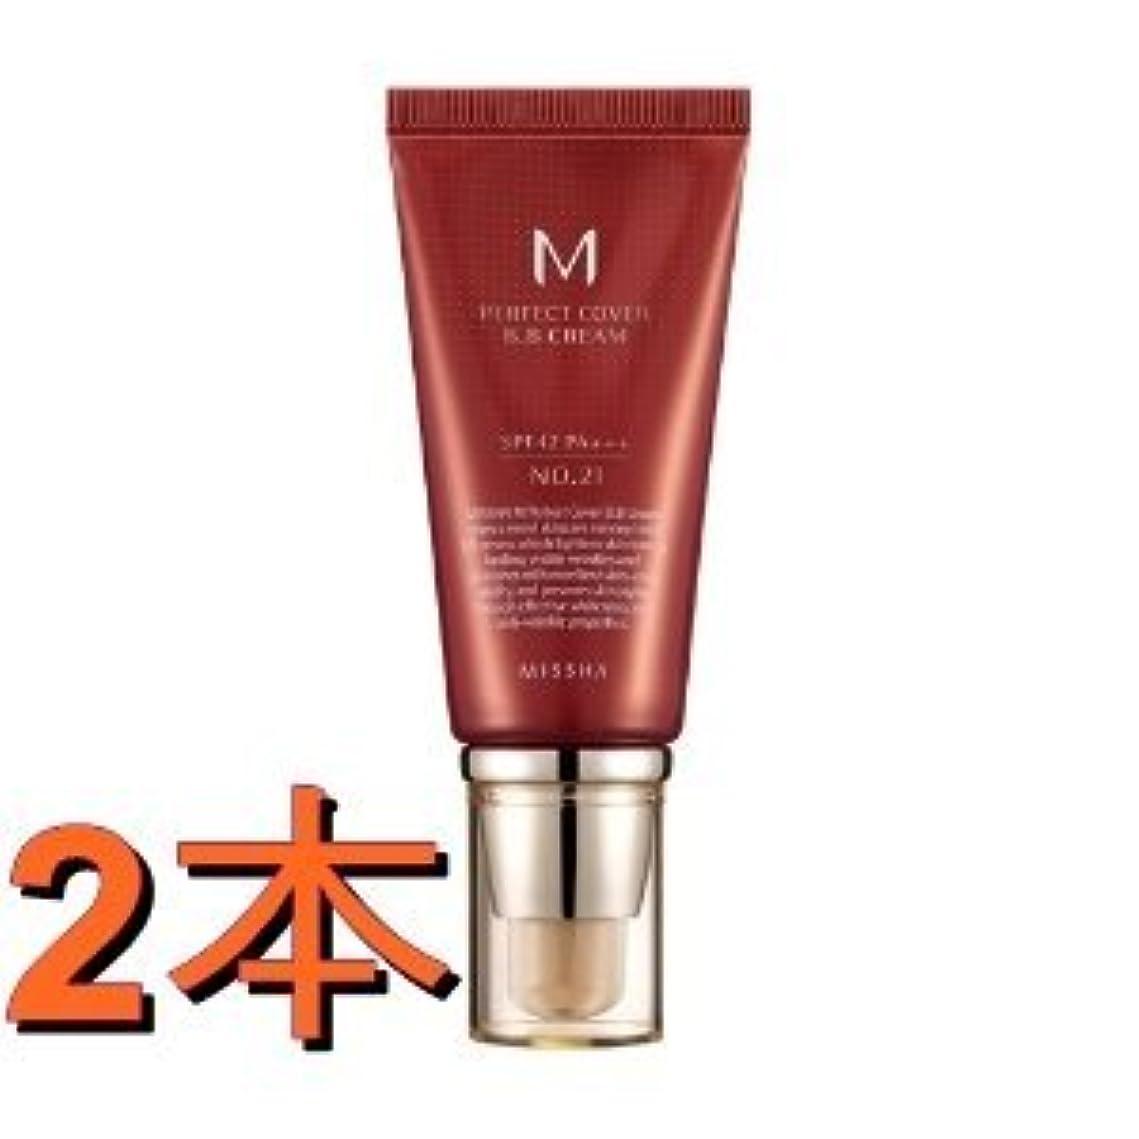 アドバンテージコーンウォール葡萄ミシャ(MISSHA) M パーフェクトカバー BB クリーム 2本セット NO.23 (ナチュラルでおちつきのある肌色) SPF42 PA++ 50ml[並行輸入品]